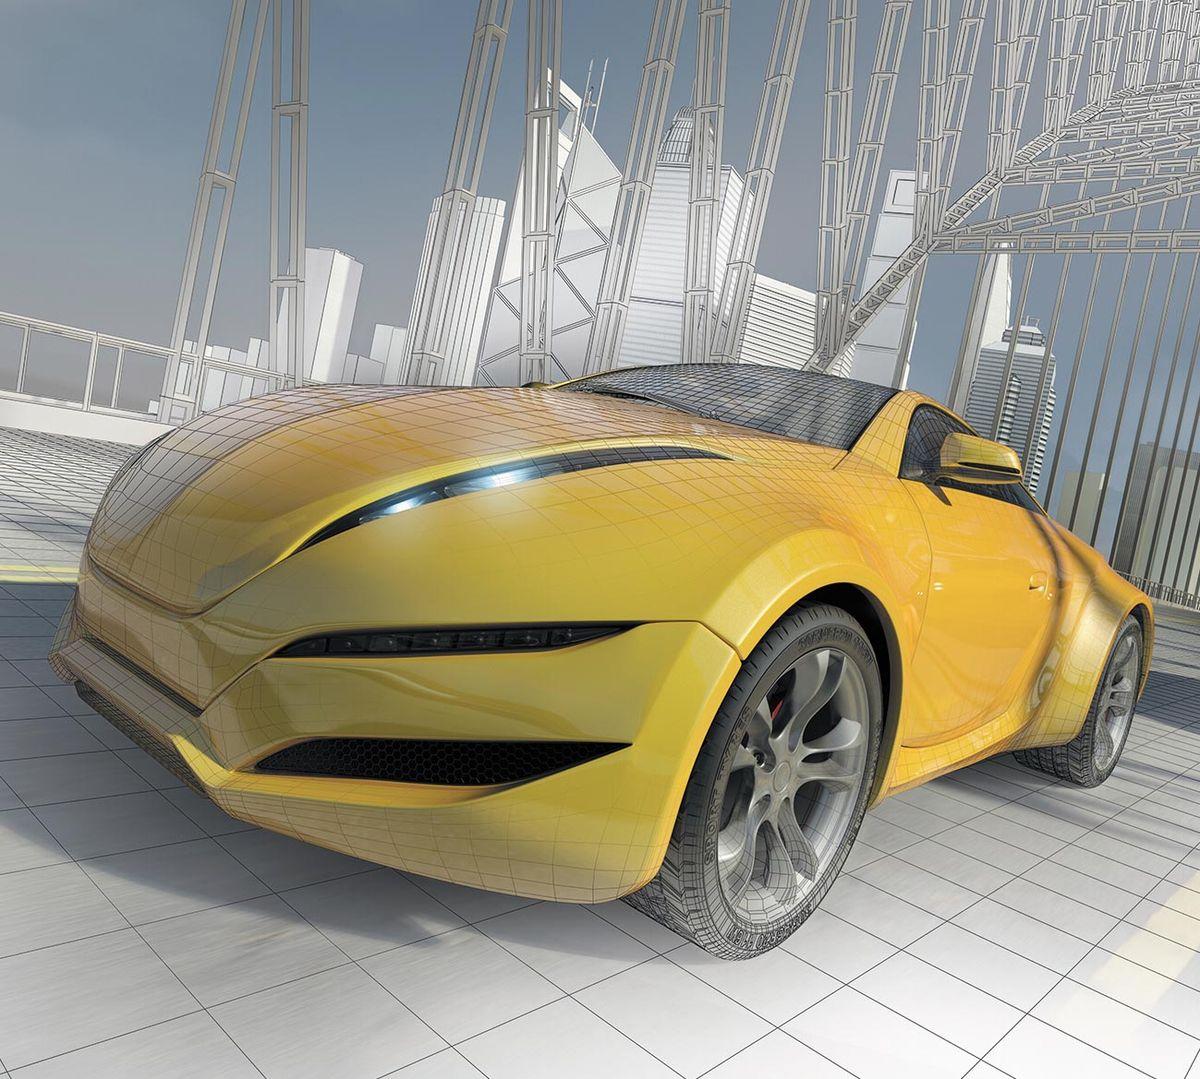 Фотообои Milan Скорость. Желтая машина, текстурные, 300 х 270 см. M 321m 321Виниловые обои горячего тиснения на флизелиновой основе MILAN — дизайнерская коллекция фотообоев и фотопанно европейского качества, созданная на основе последних тенденций в мире интерьерной моды. Еще вчера эти тренды демонстрировались на подиумах